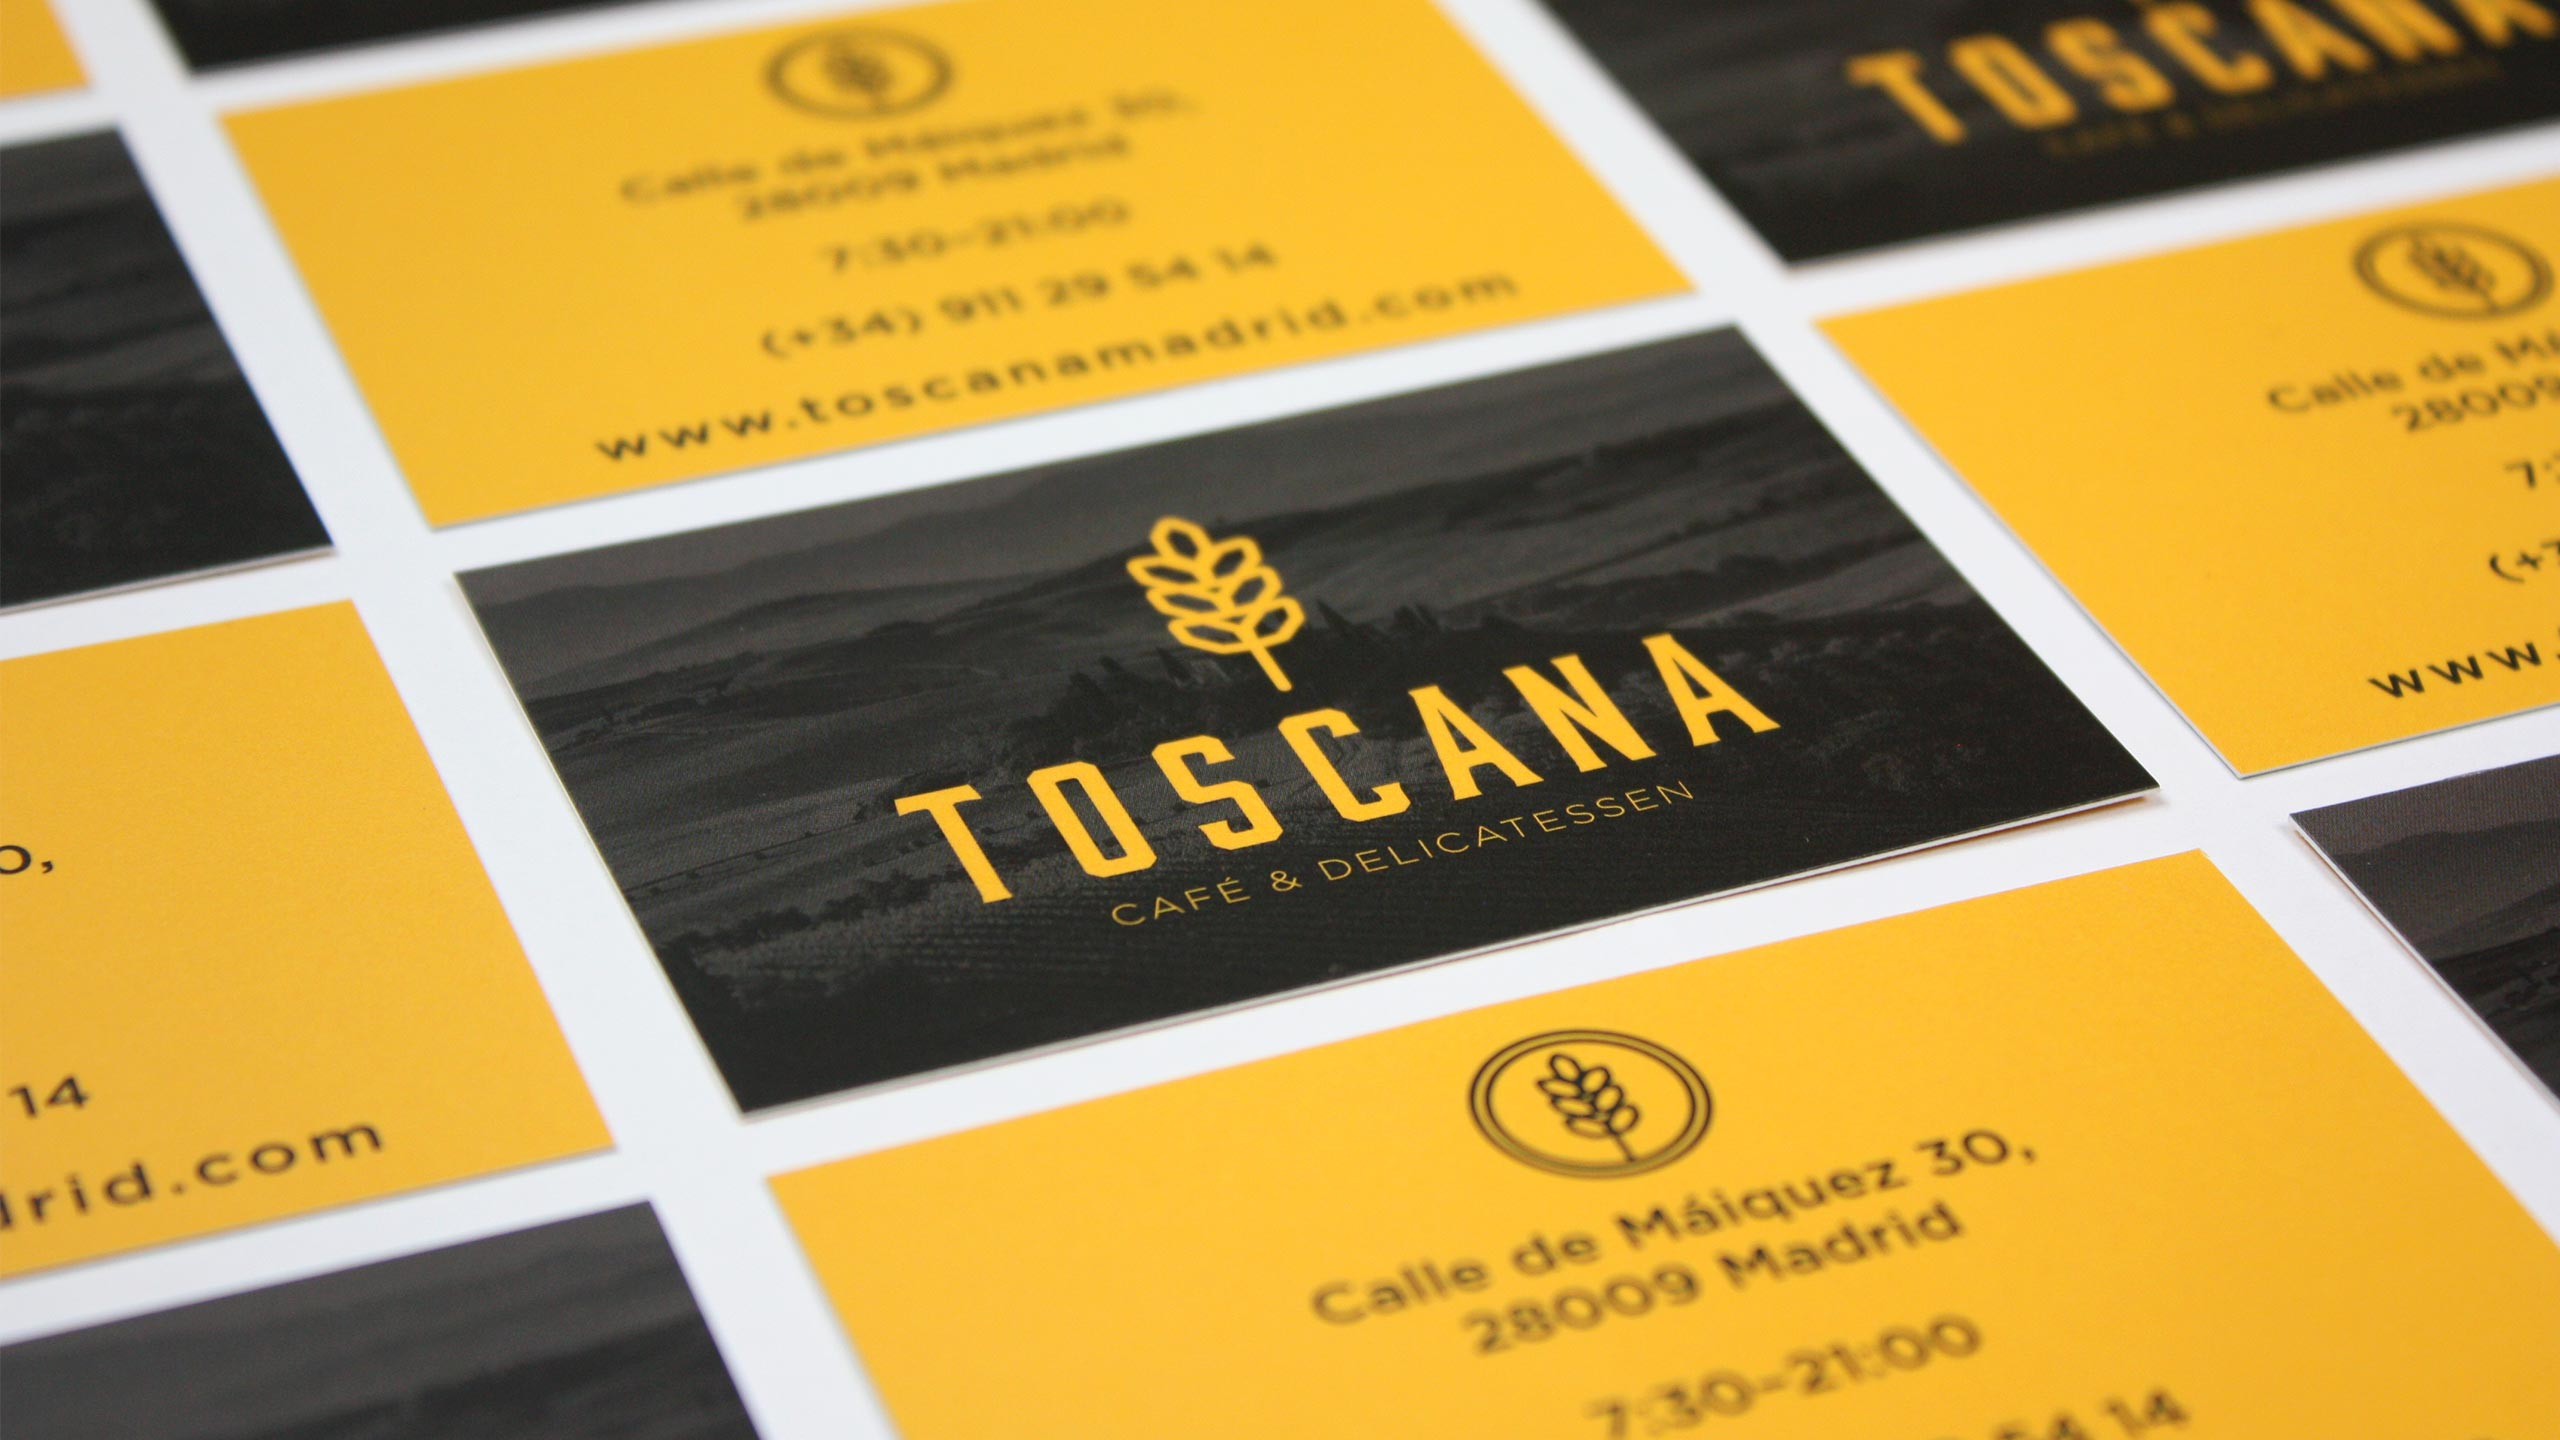 Diseño de piezas de papelería corporativa para la cafetería Toscana Madrid